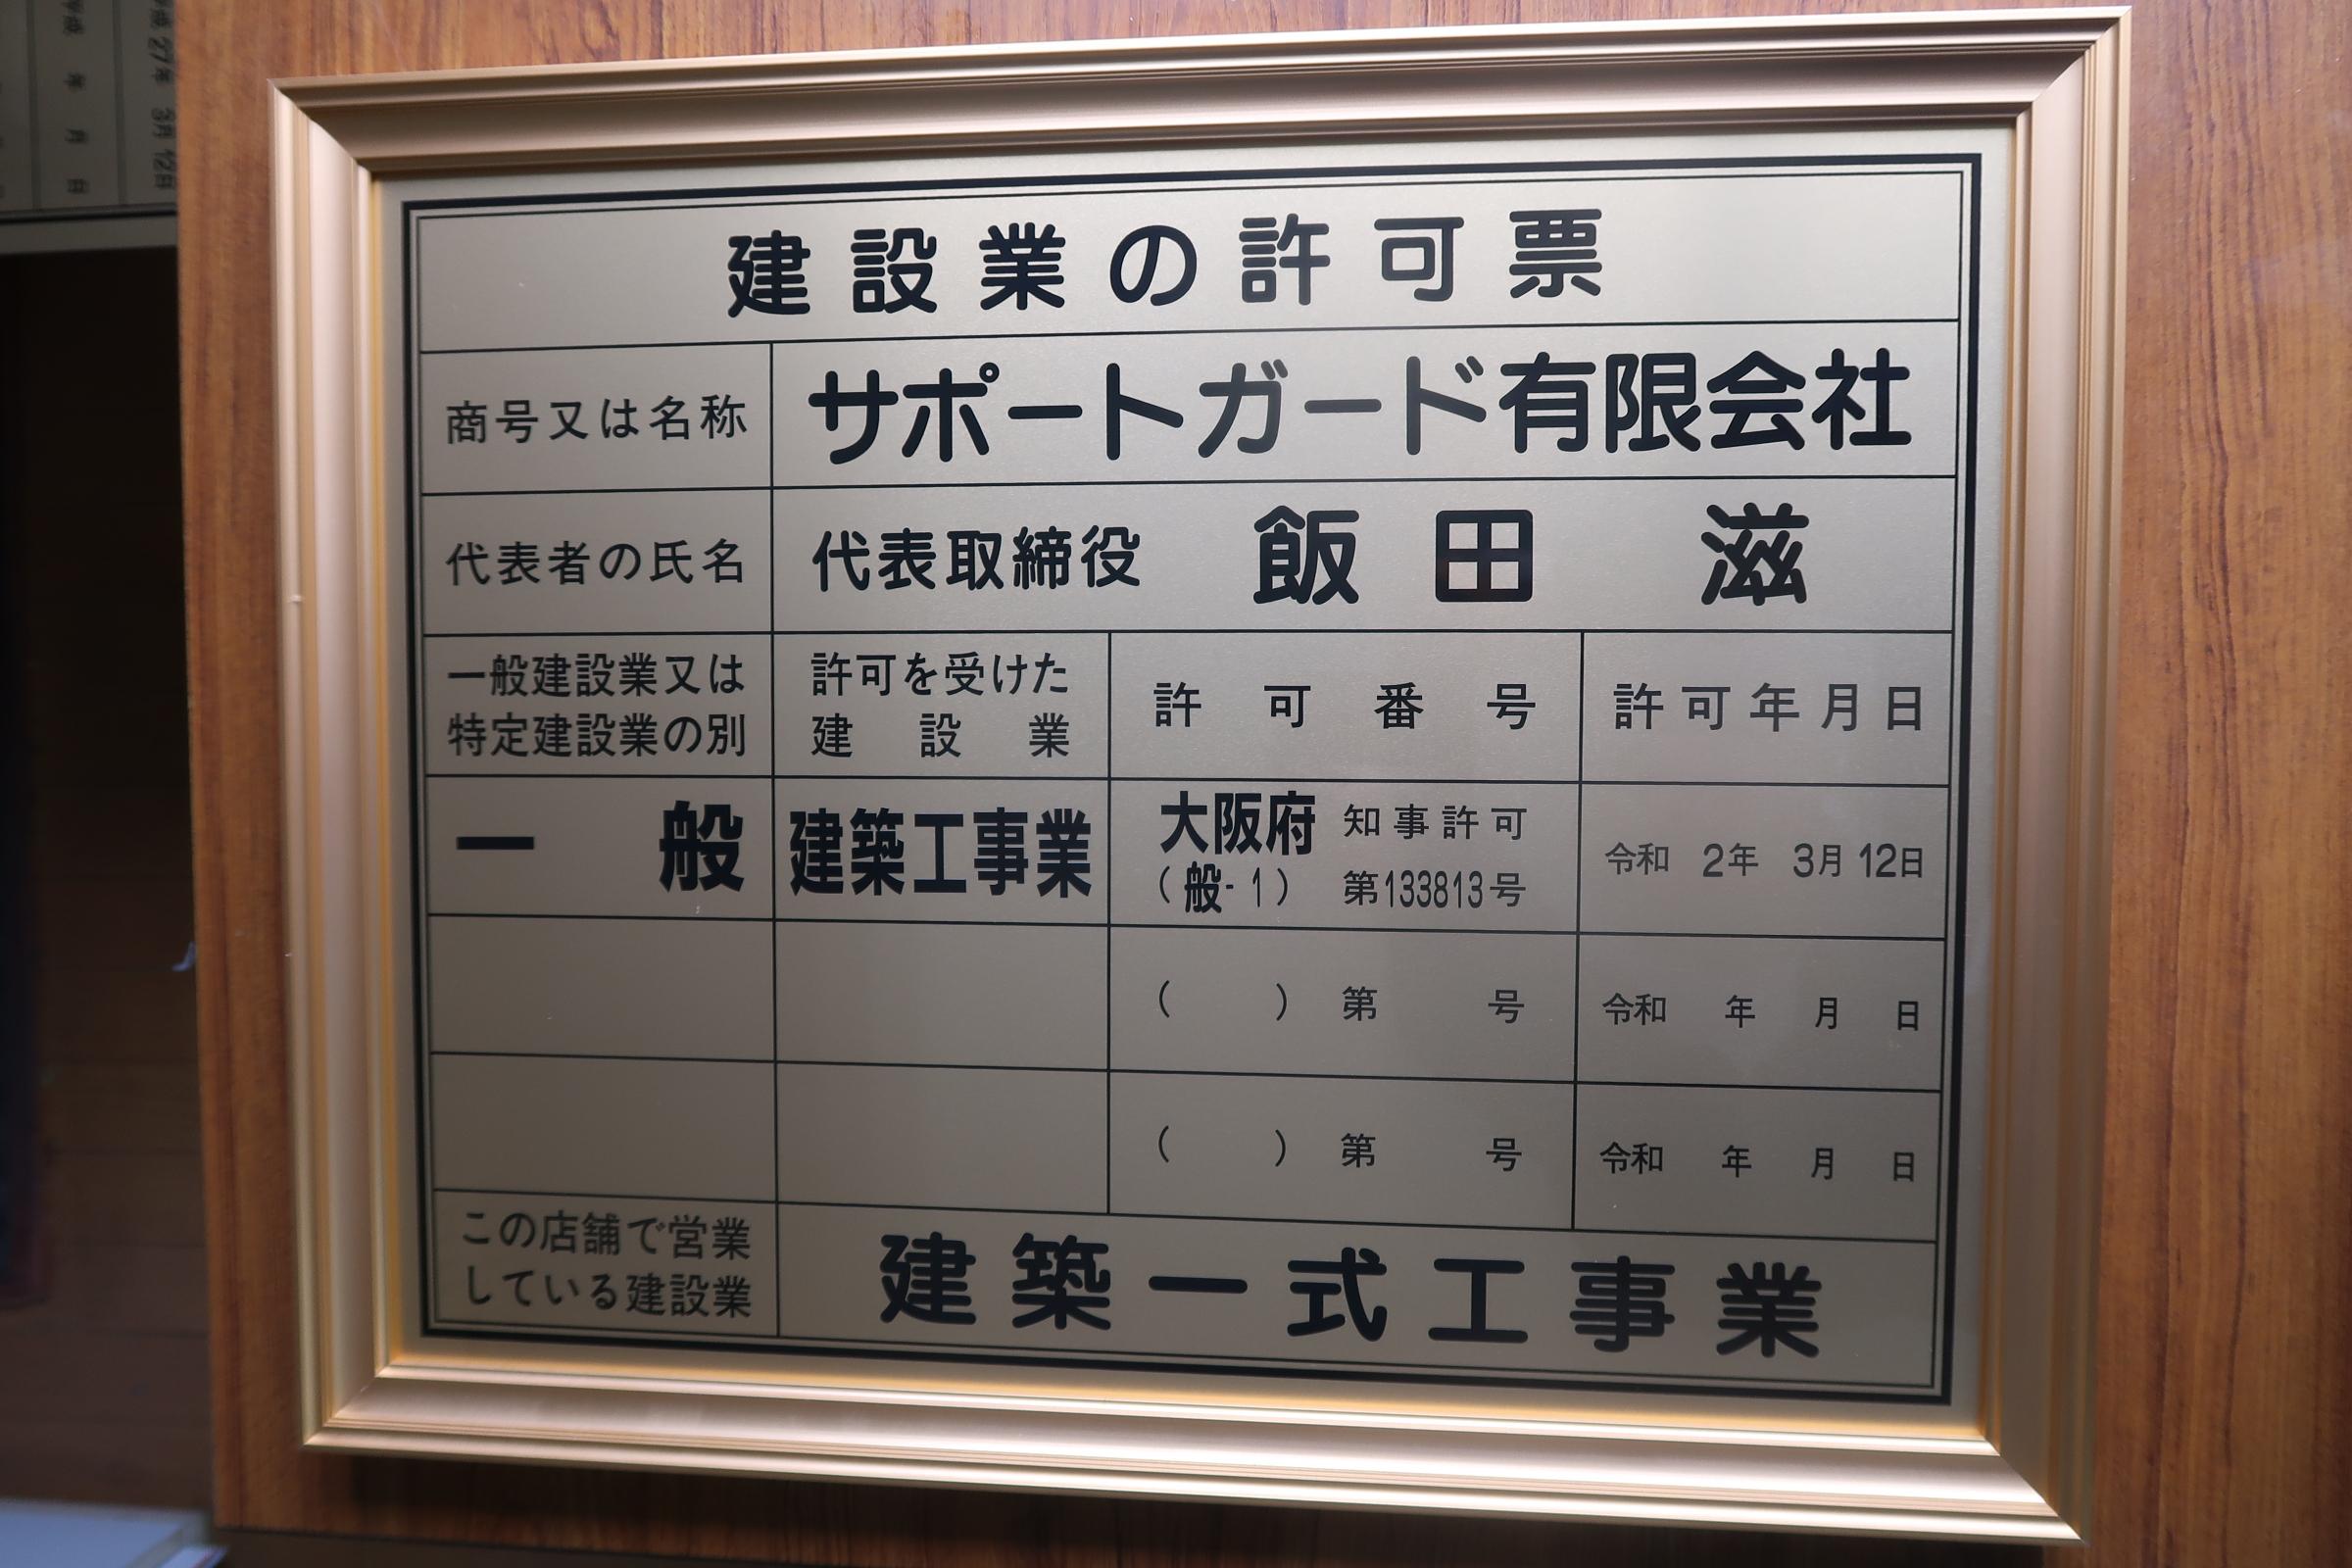 業 大阪 府 許可 建設